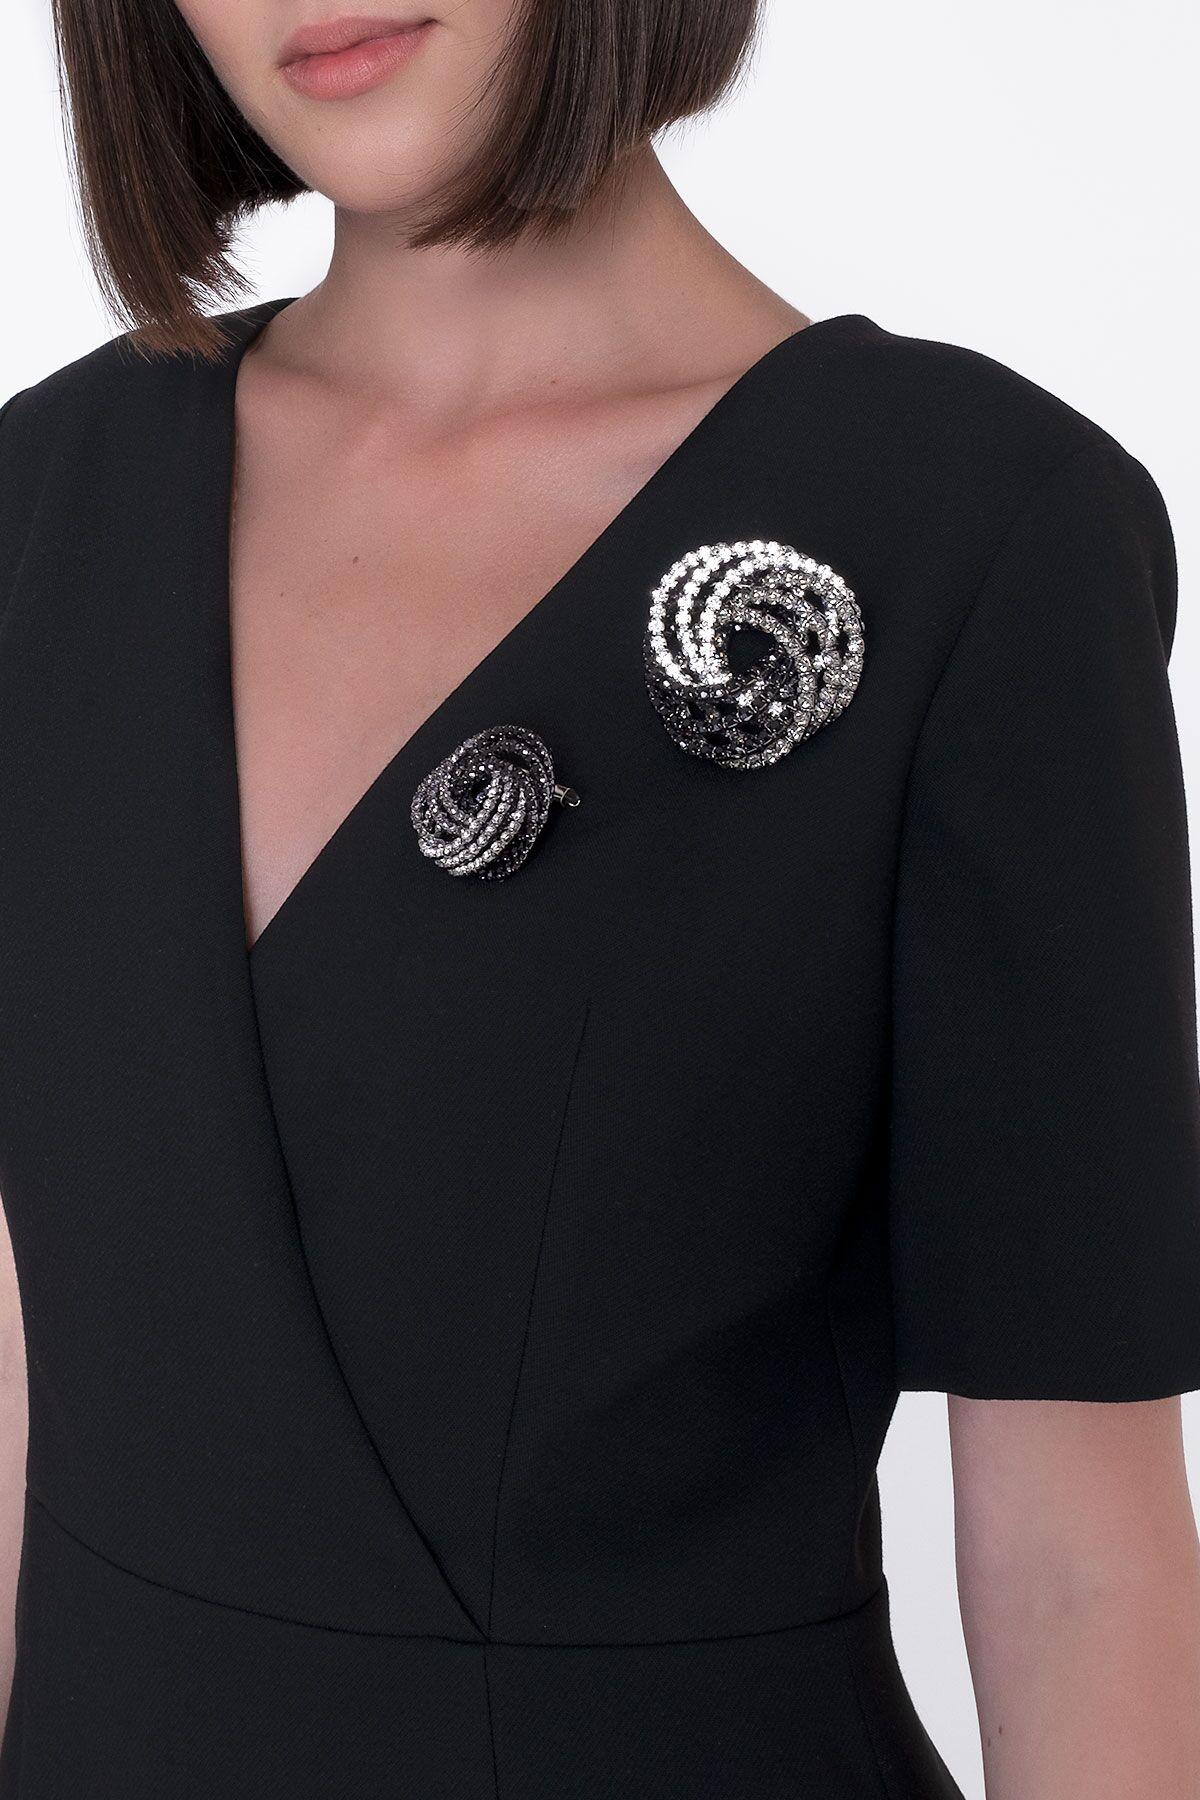 Brooch Detailed V Neck Black Long Dress